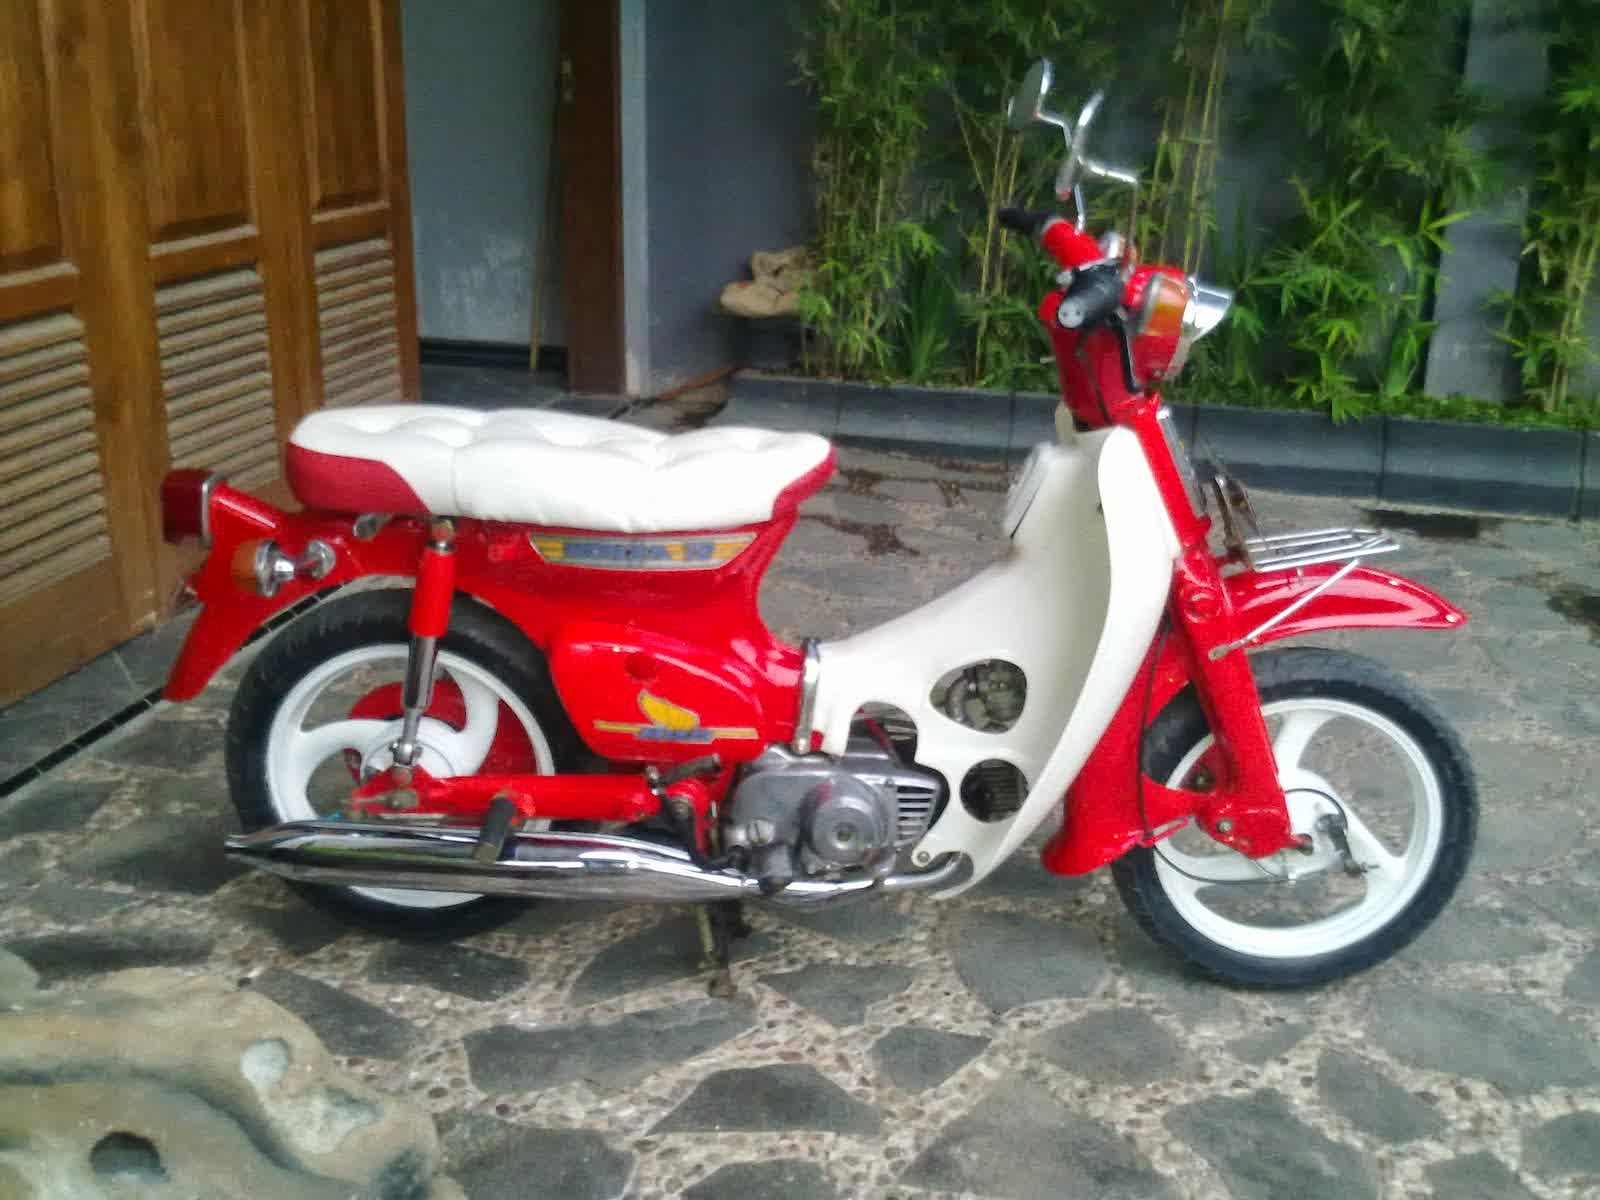 Ide 95 Jual Motor Honda 70 Modifikasi Terlengkap Rante Modifikasi